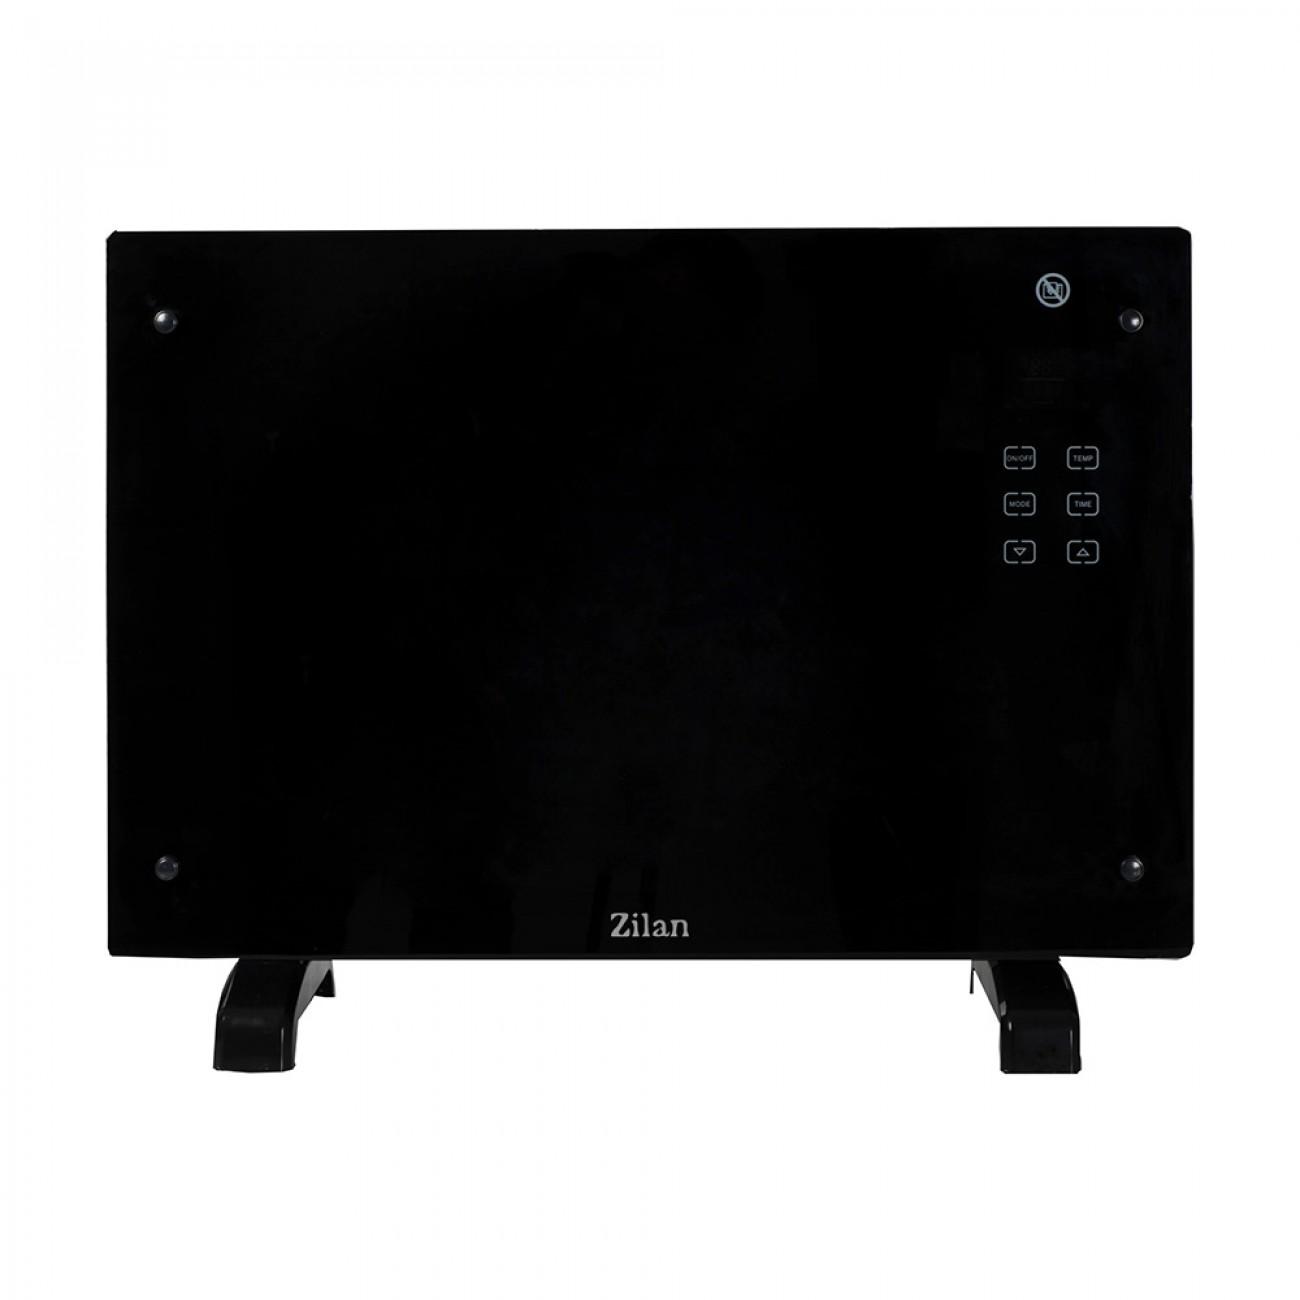 Конвектор за стена или под Zilan ZLN-1419, 1500W, Таймер 24 часа, Дистанционно, LCD, Черен в Конвекторни печки - zilan | Alleop